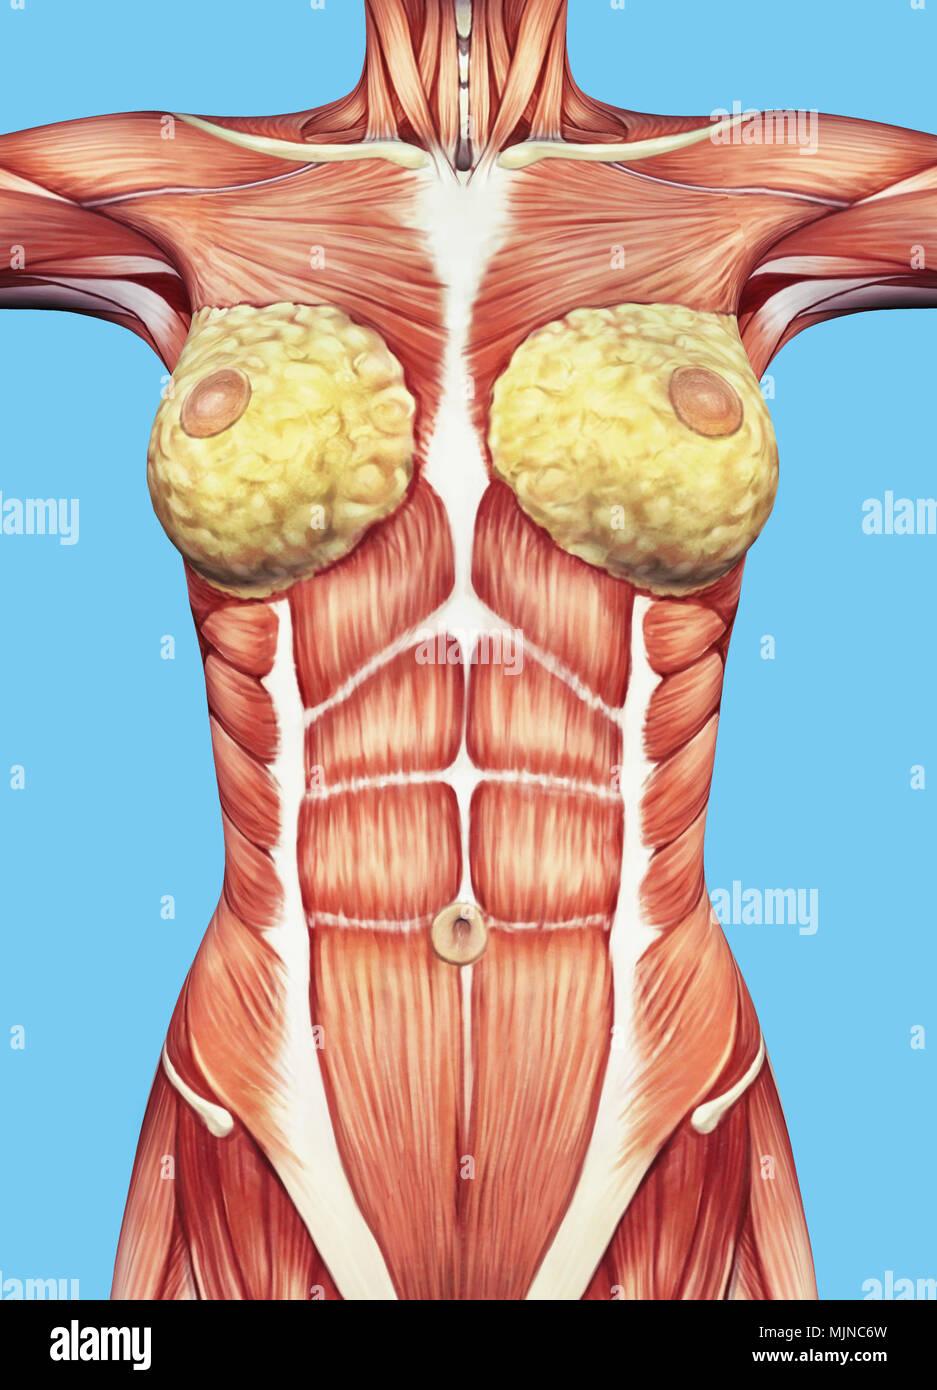 Anatomie der weiblichen Brust und Oberkörper mit großen muskulösen ...